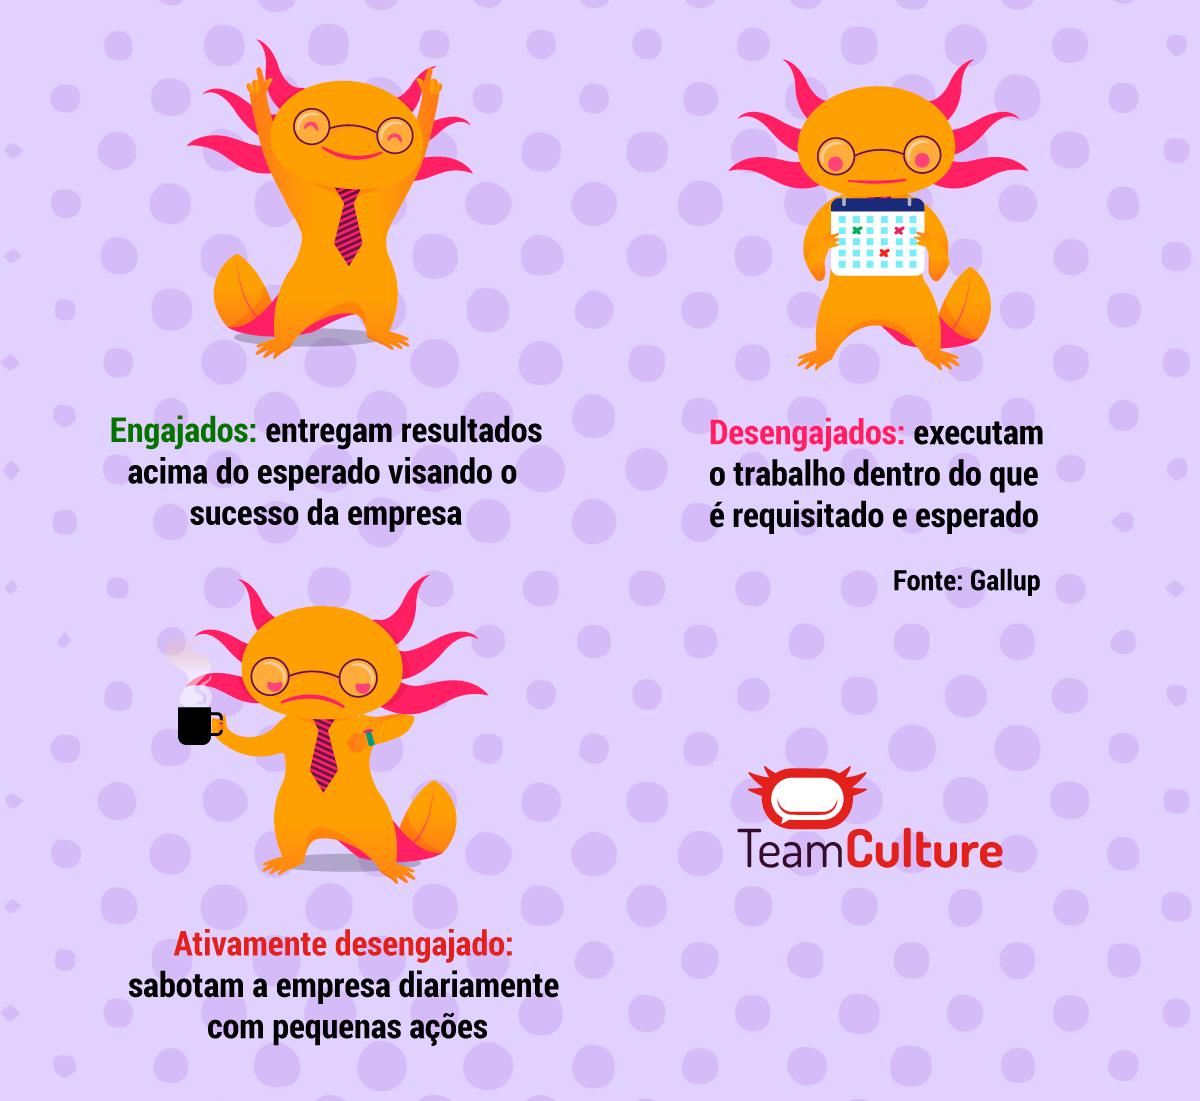 Tipos de colaboradores - engajados, desengajados e ativamente desengajados